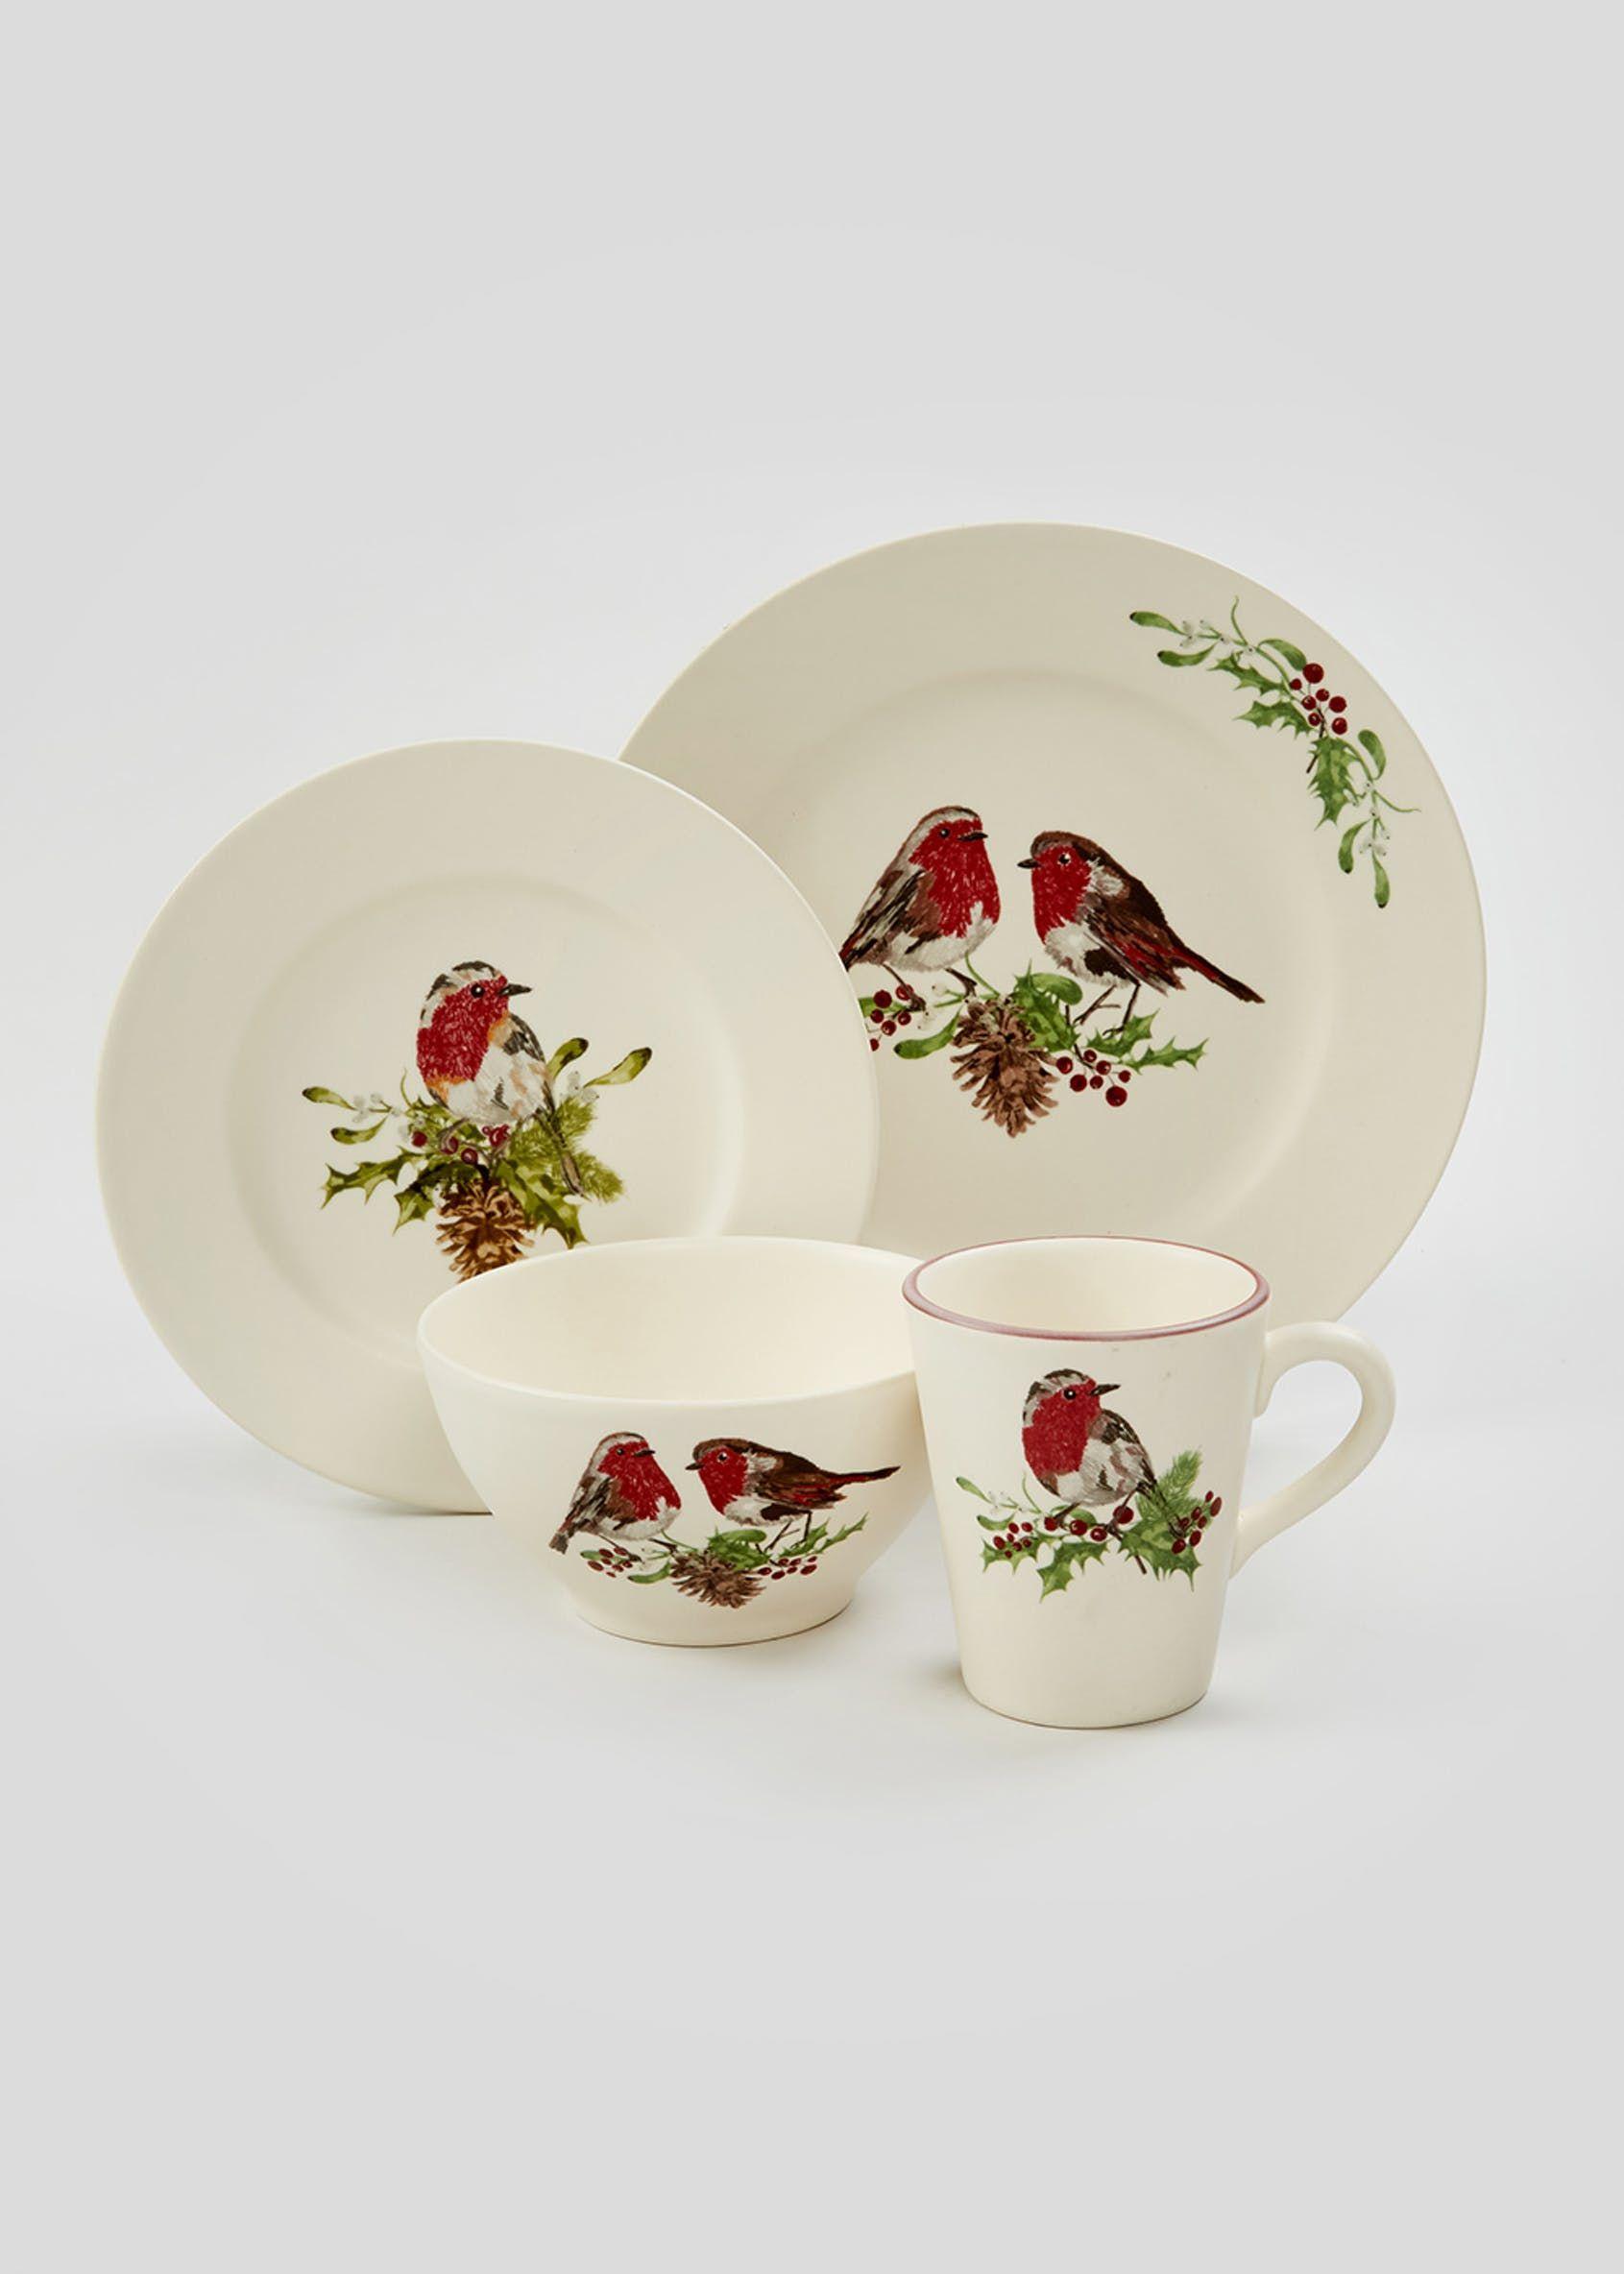 Robin Christmas Mug 10cm X 9cm Cream Christmas Mugs Christmas Sides Christmas Bowl